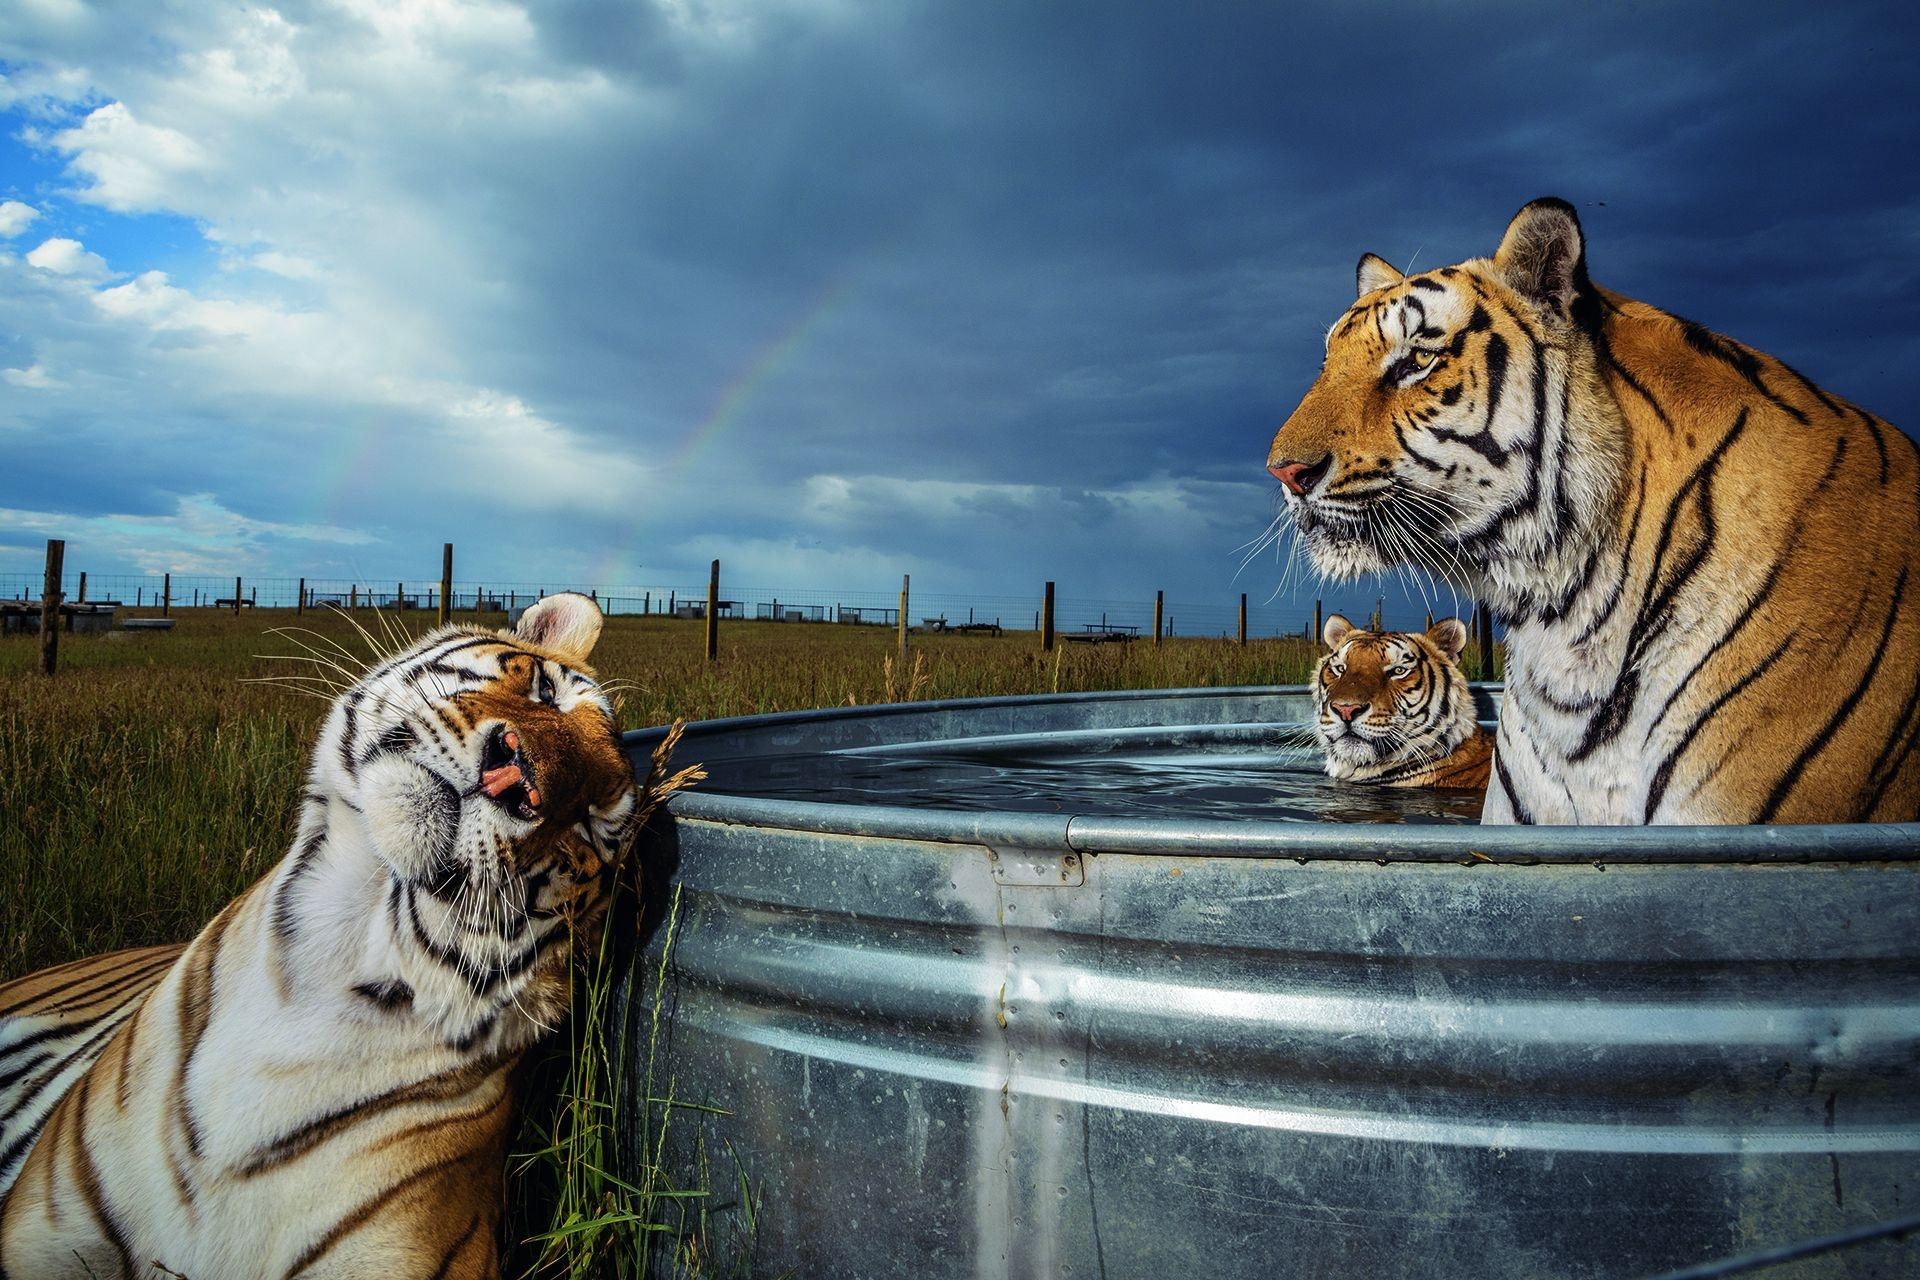 克雷、丹尼爾和恩佐是俄克拉荷馬州一個動物公園救出39隻老虎的其中3隻,牠們聚在科羅拉多州金斯堡鎮「野生動物庇護所」的水池。這些大貓會在此度過餘生,營養良好且有獸醫照護。攝影:史提夫.溫特 STEVE WINTER